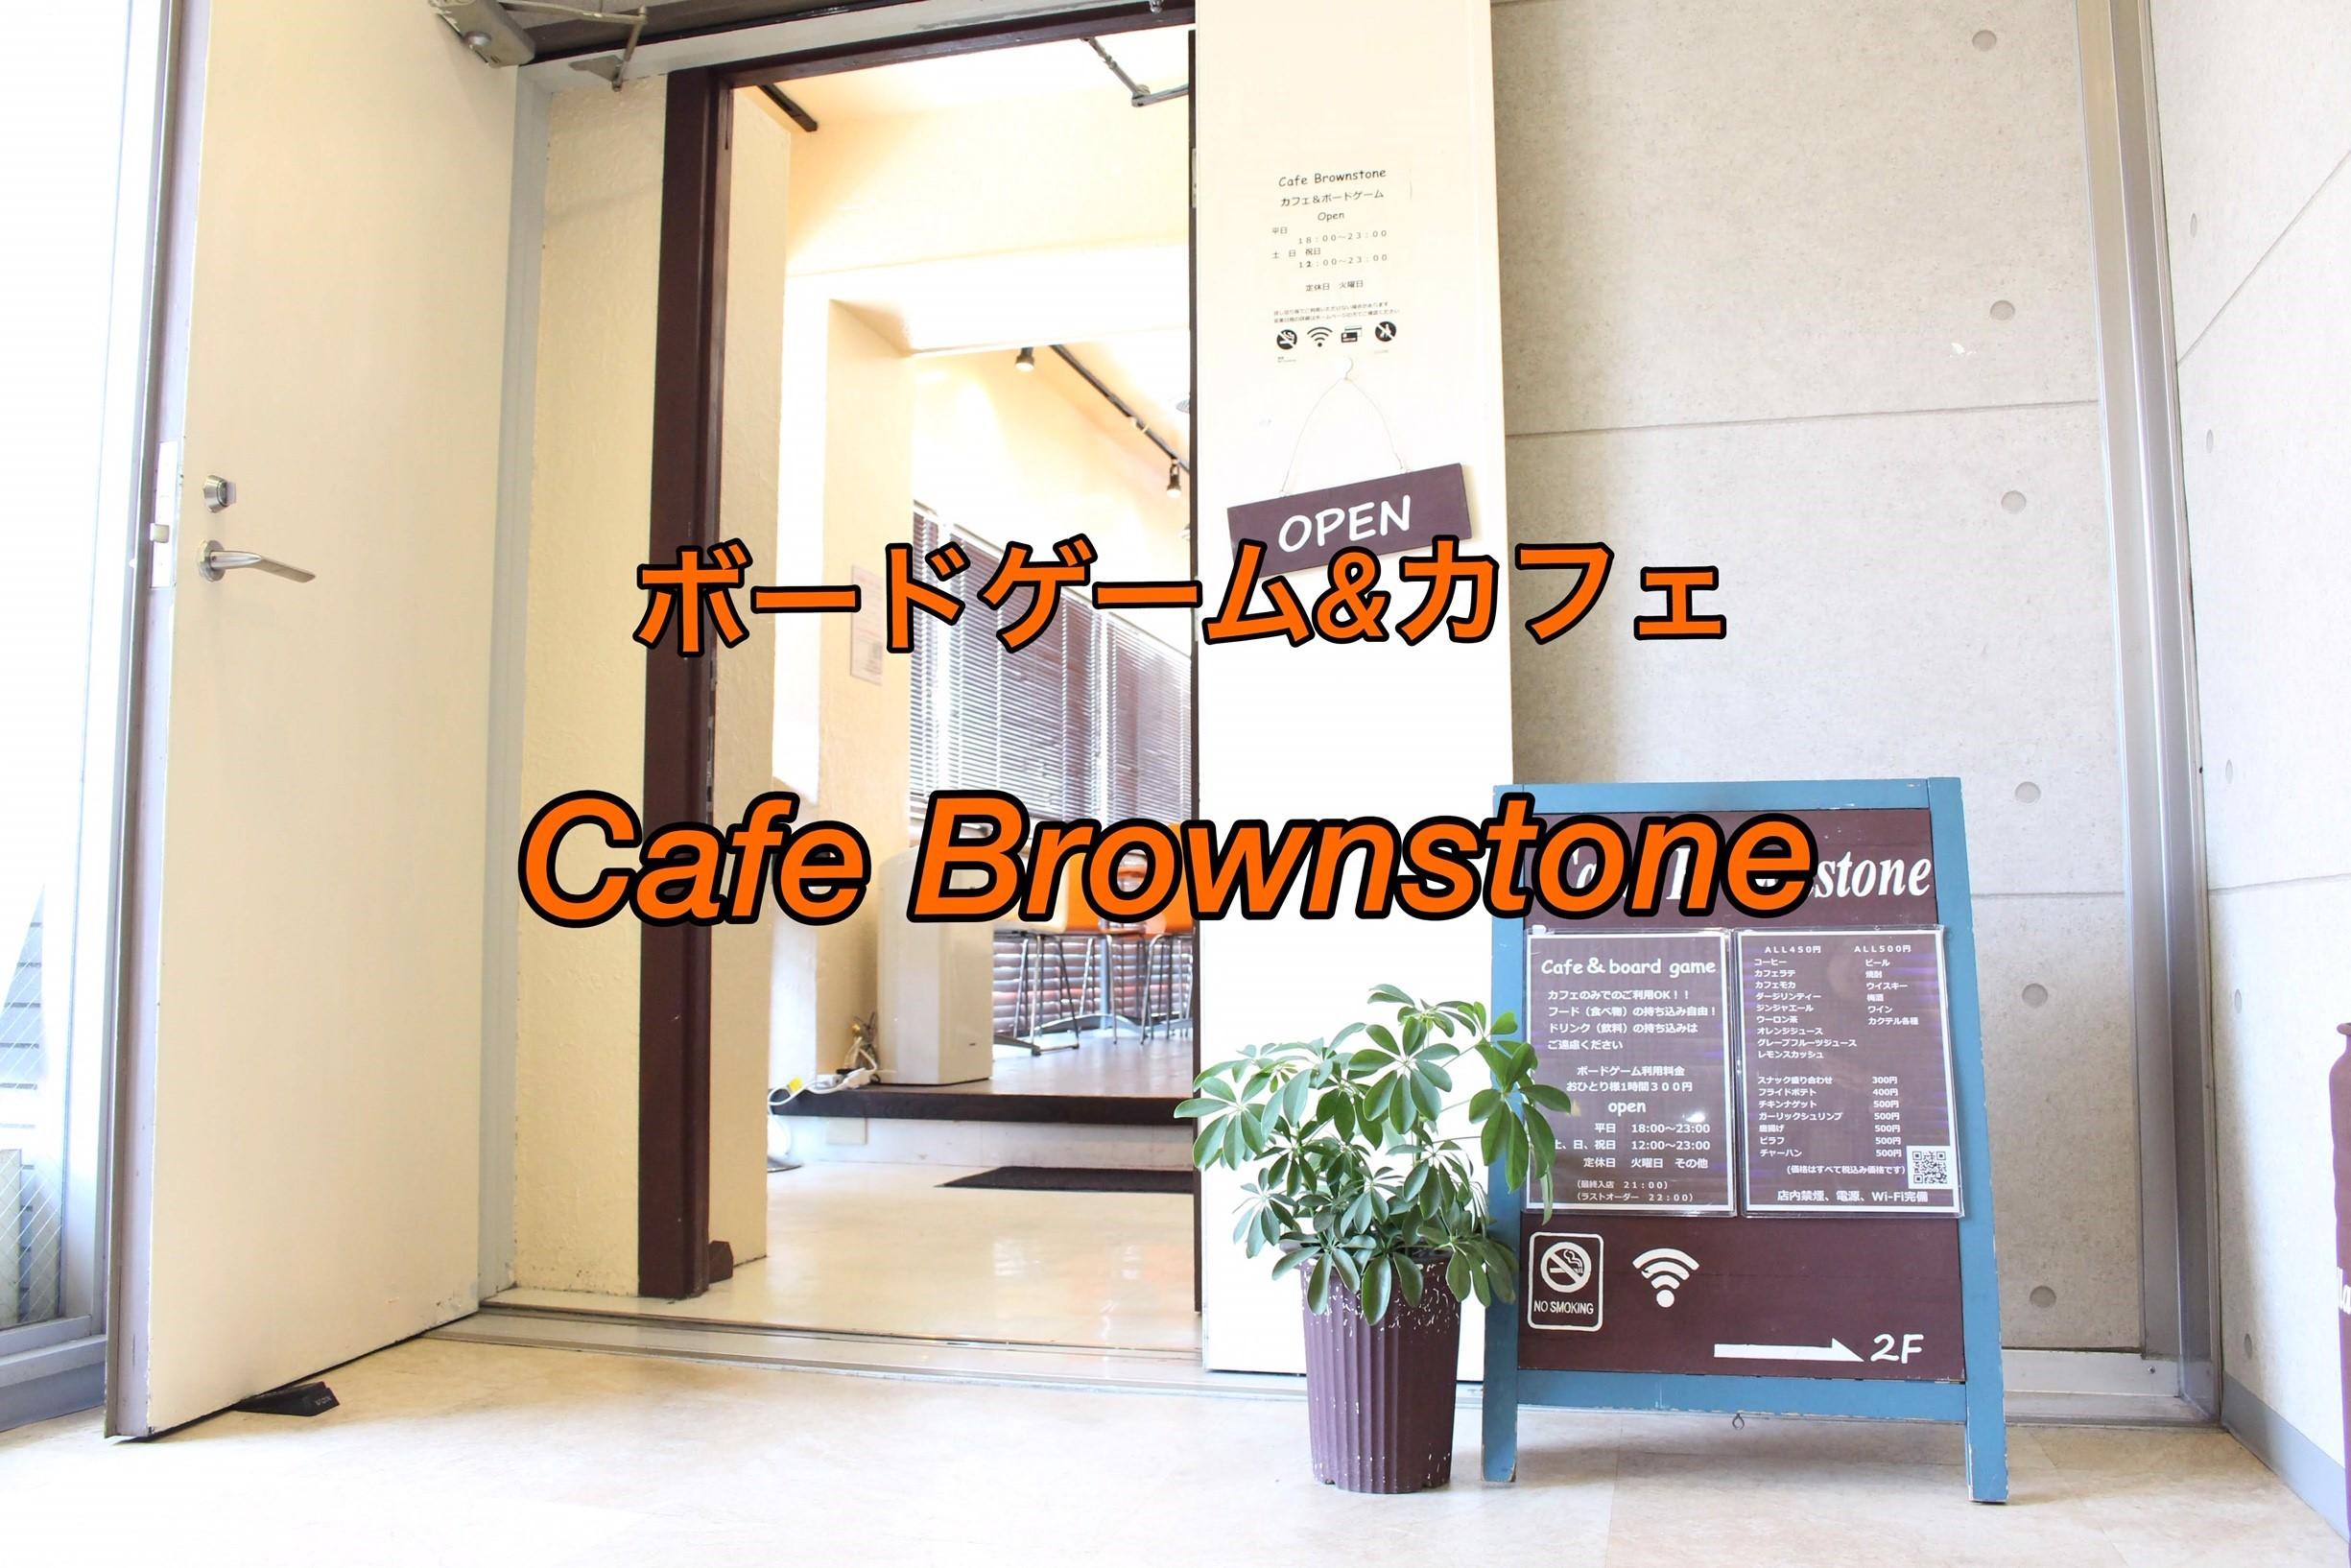 ボードゲーム & カフェ Cafe Brownstone (カフェブラウンストーン)(カフェブラウンストーン)